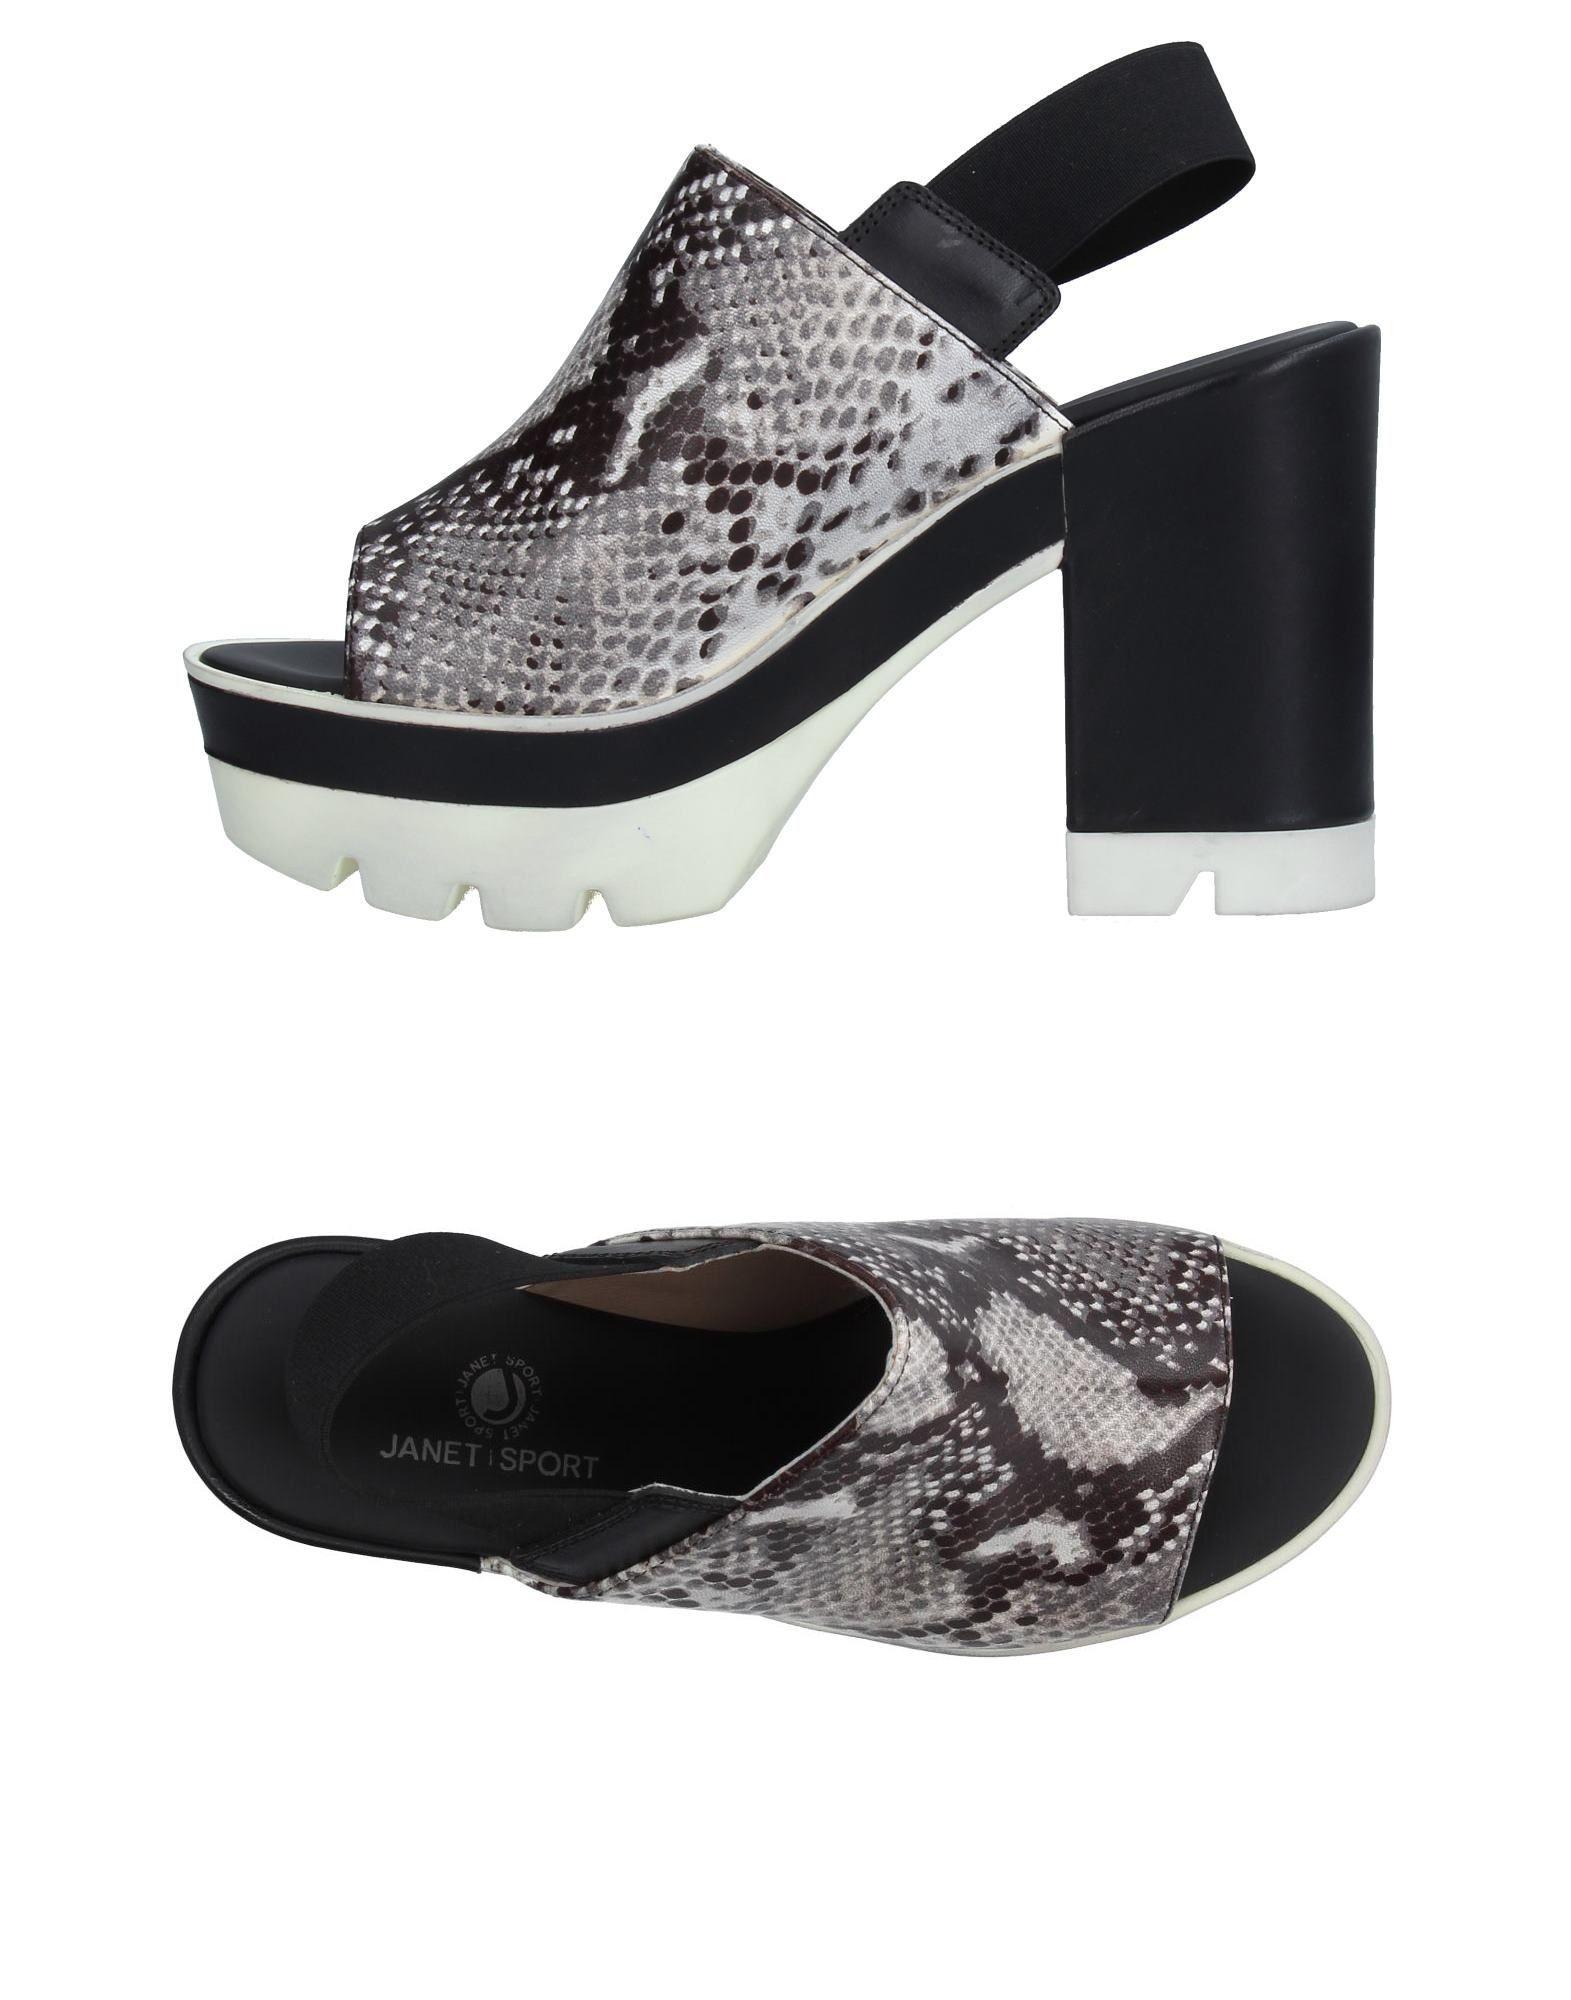 Janet Sport Sandalen Damen  11226682JI Gute Qualität beliebte Schuhe